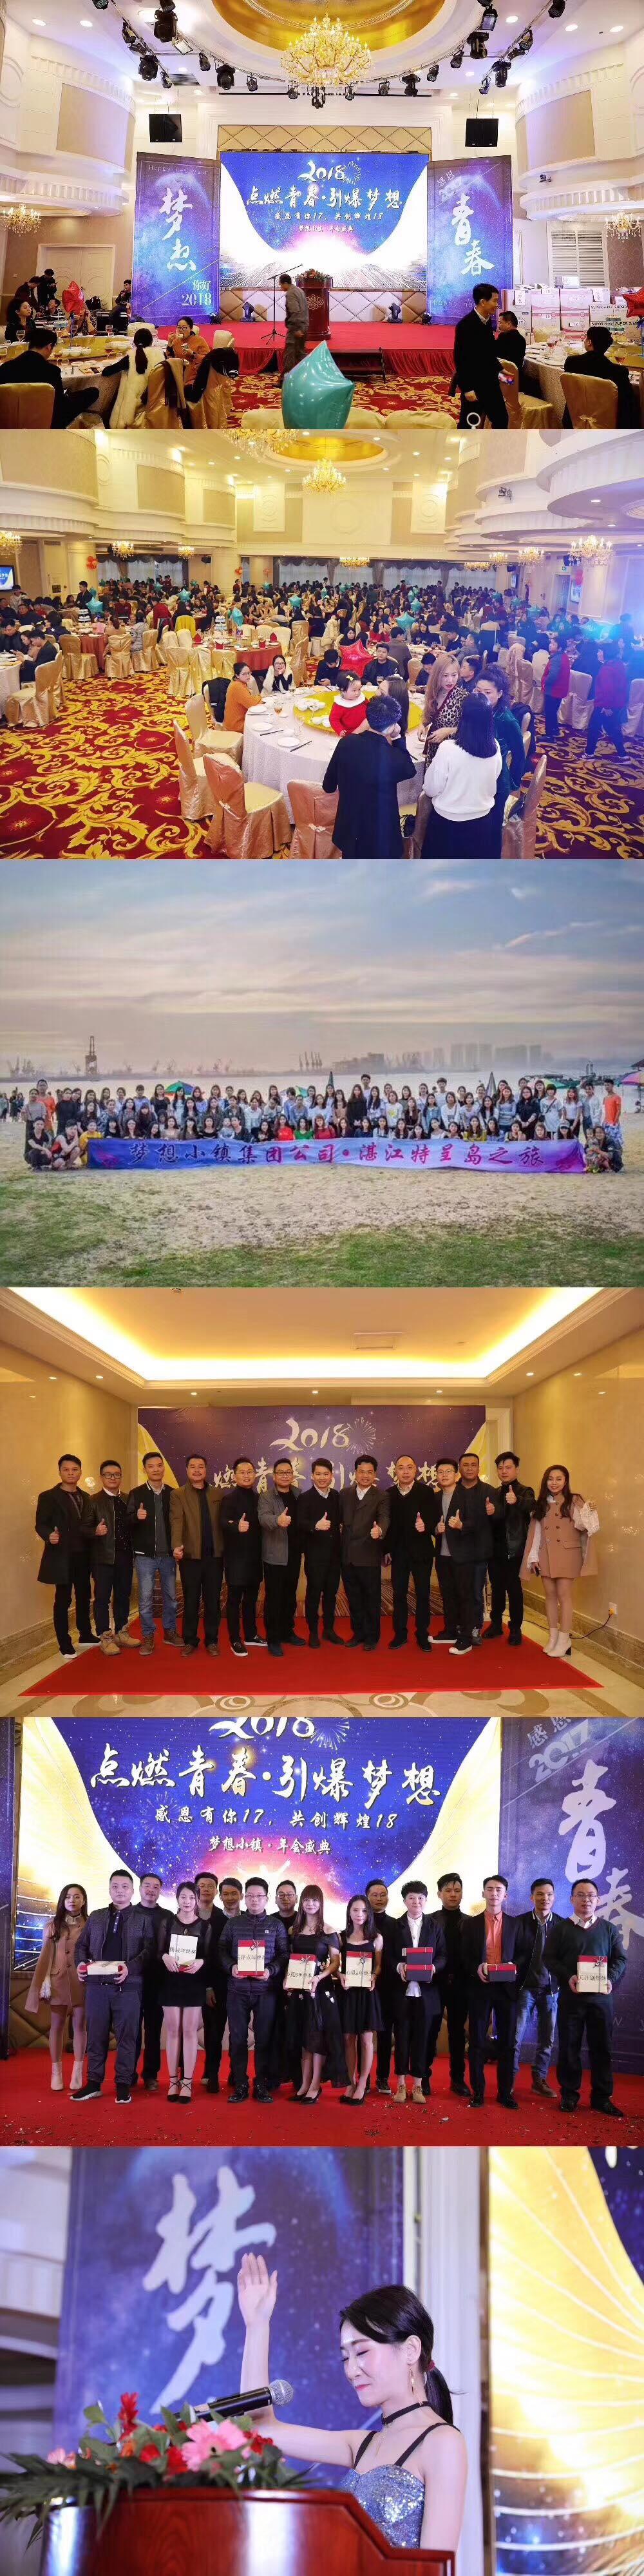 中山市岑今文化传播有限公司 _国际人才网_job001.cn